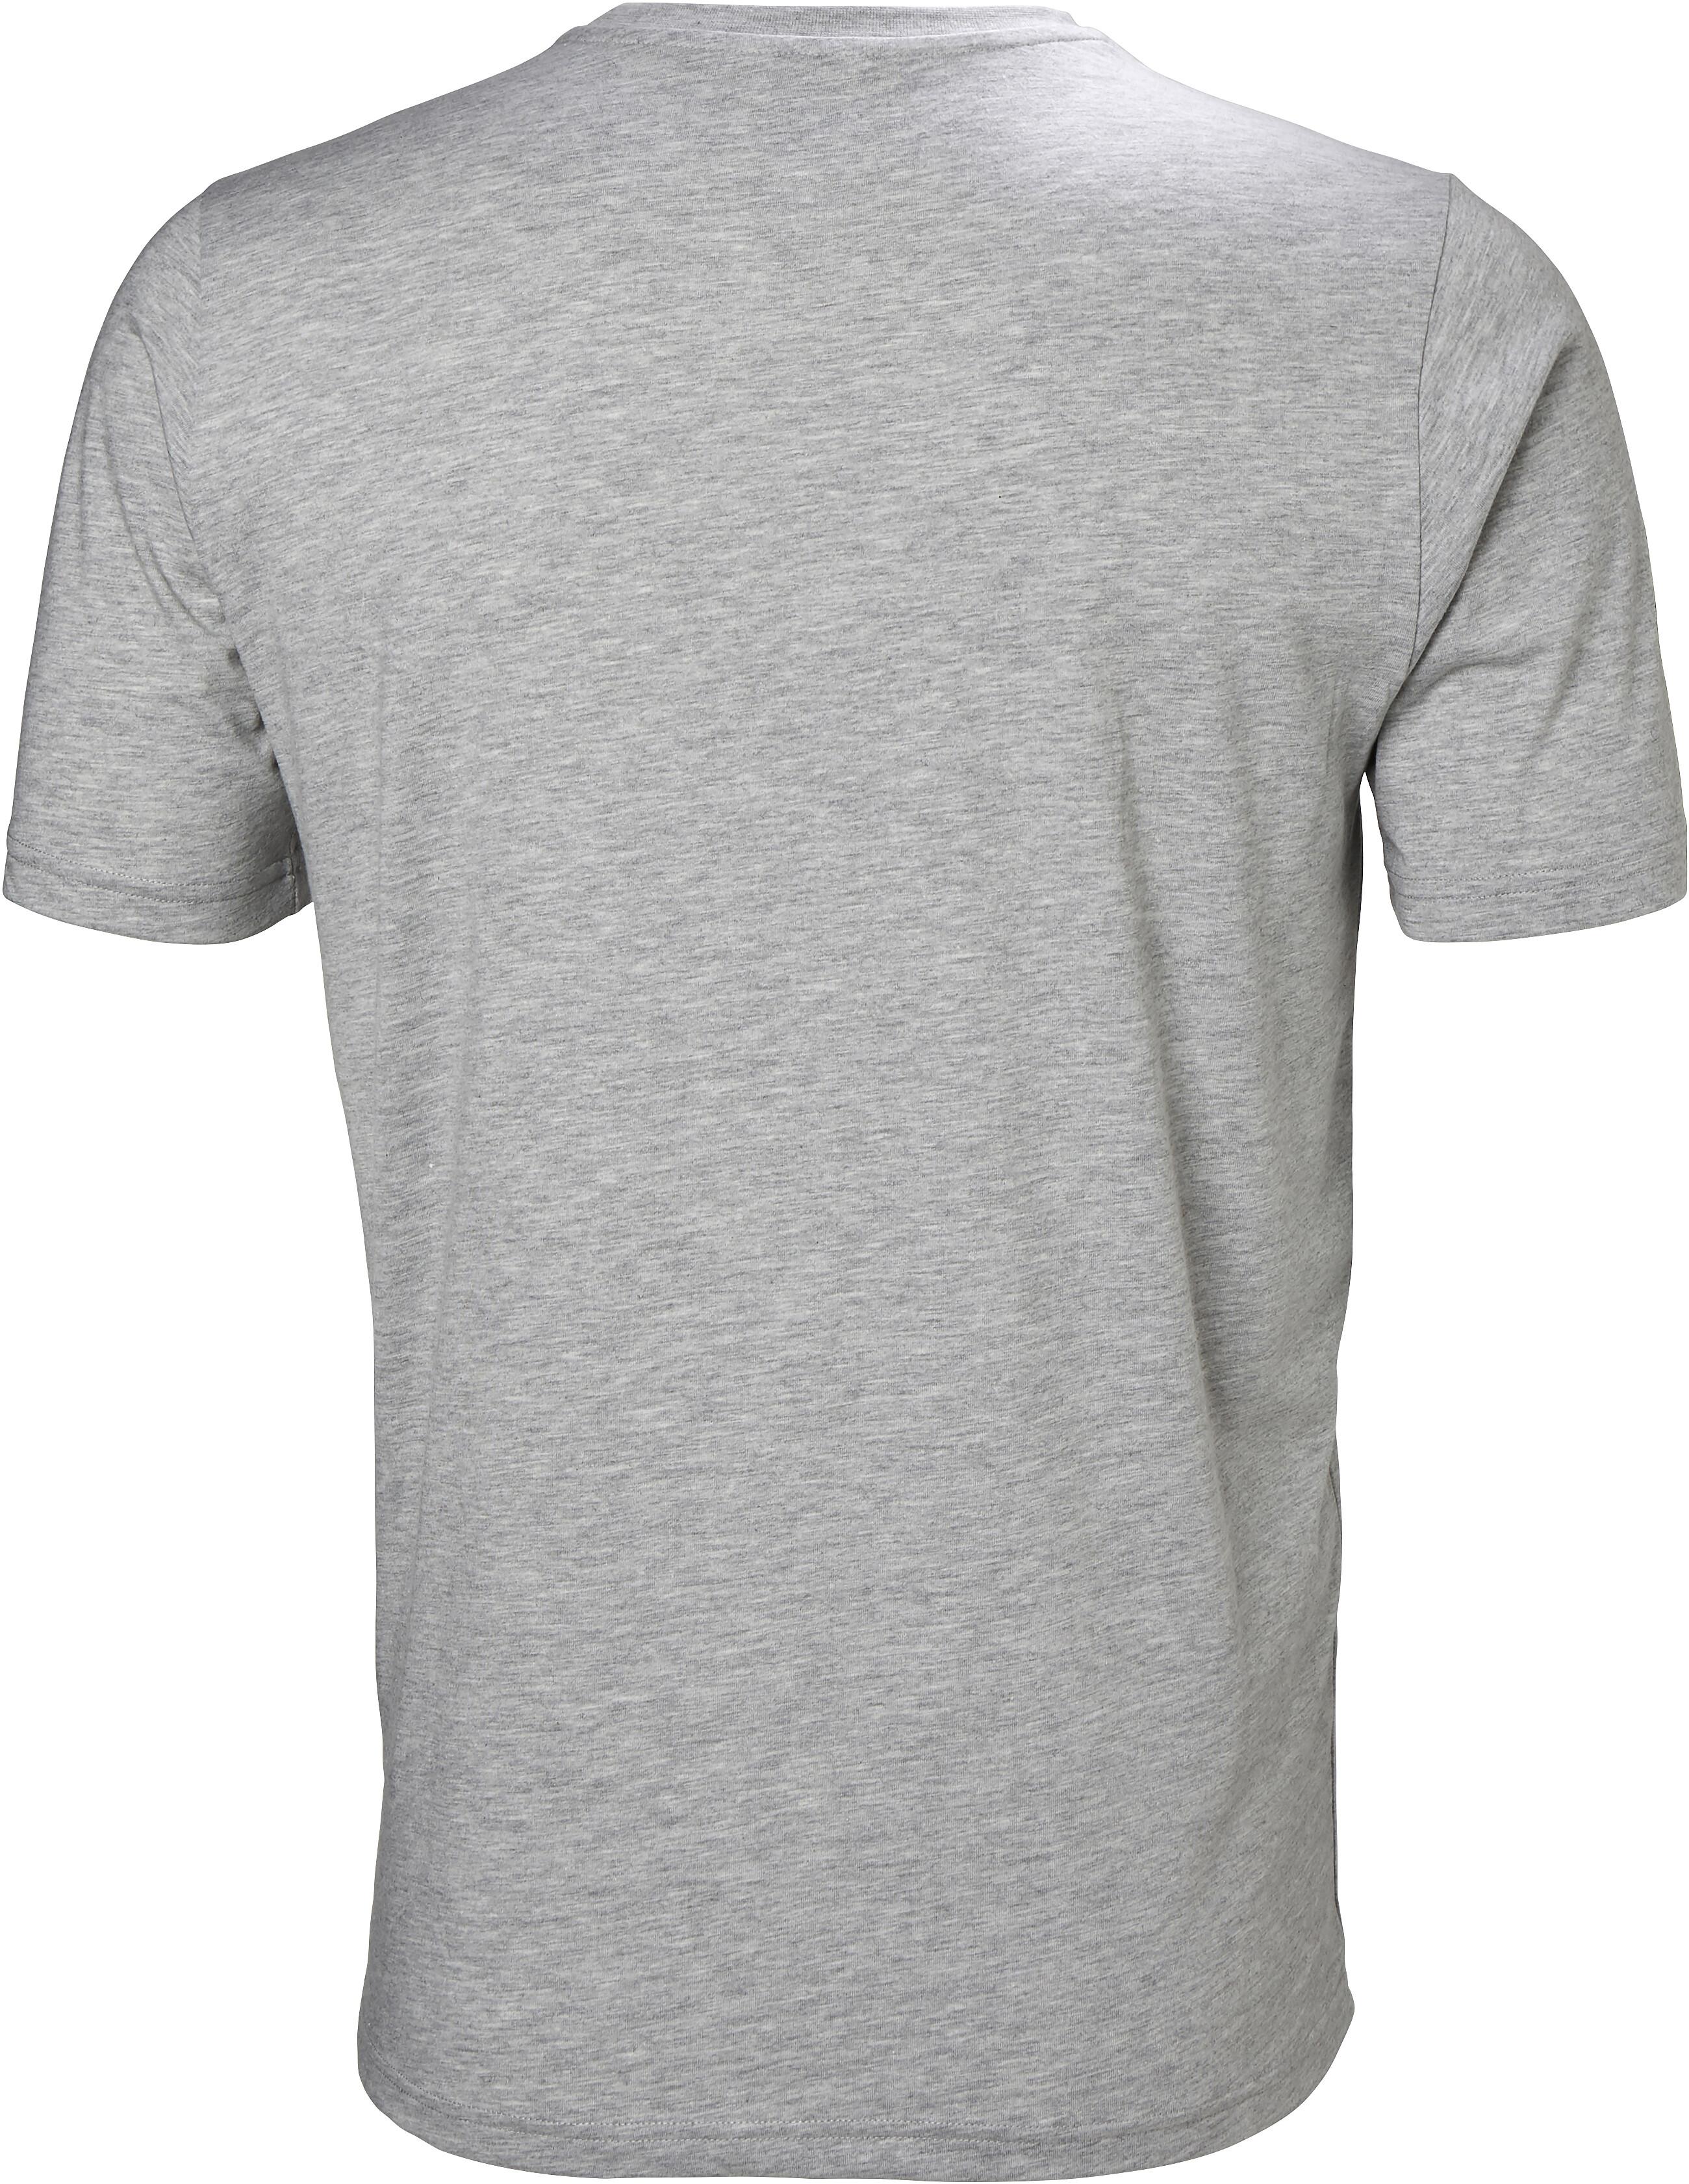 Helly Hansen HH Logo Bluzka z krótkim rękawem Mężczyźni, grey melange (2020)